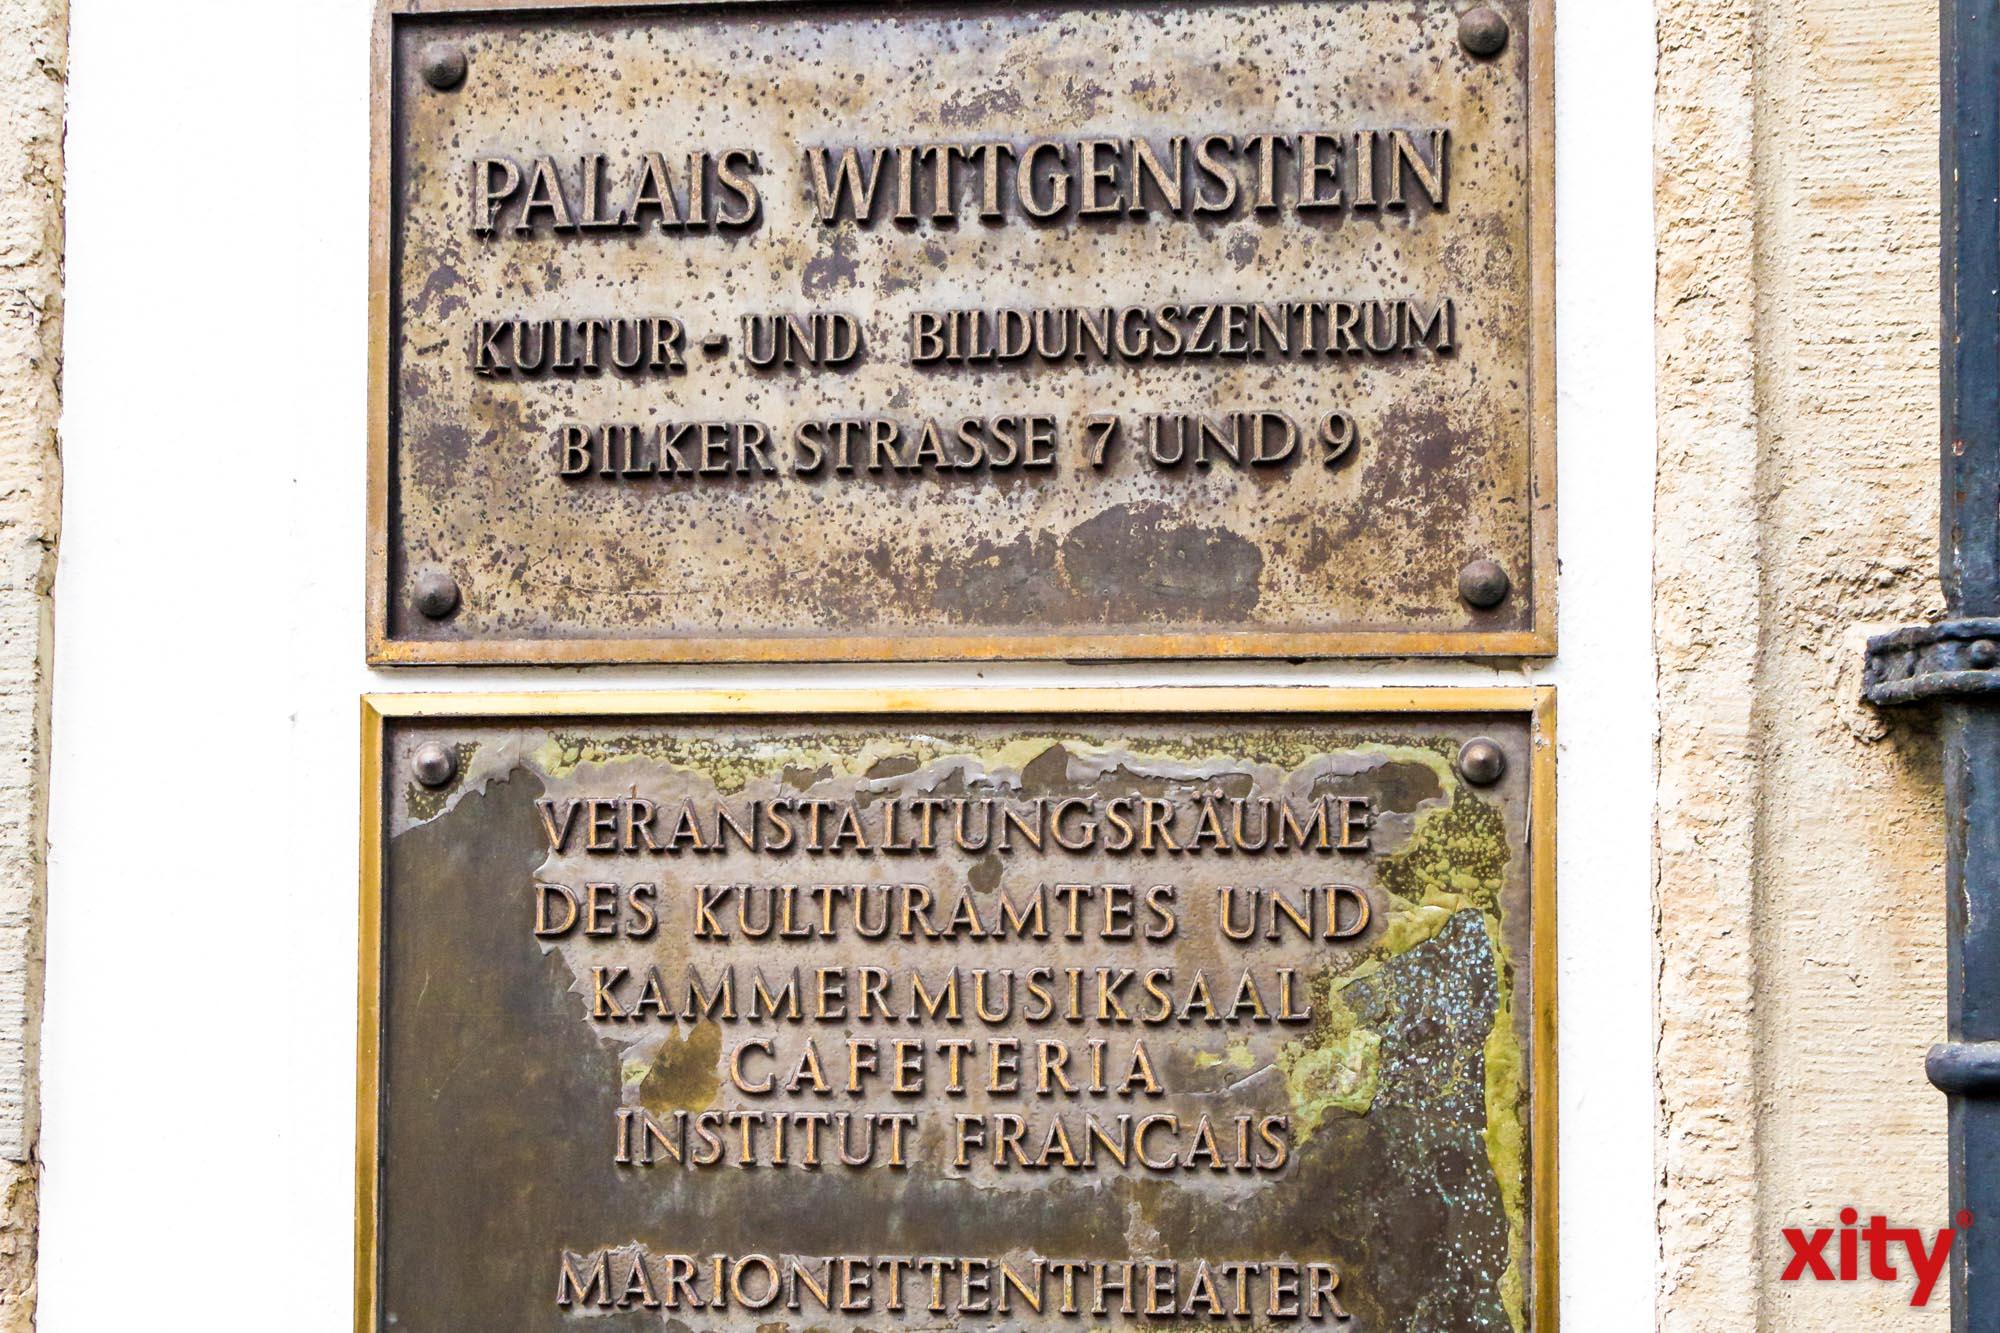 """Konzert in der Reihe """"Das Symphonische Palais"""" im Palais Wittgenstein (Foto: xity)"""